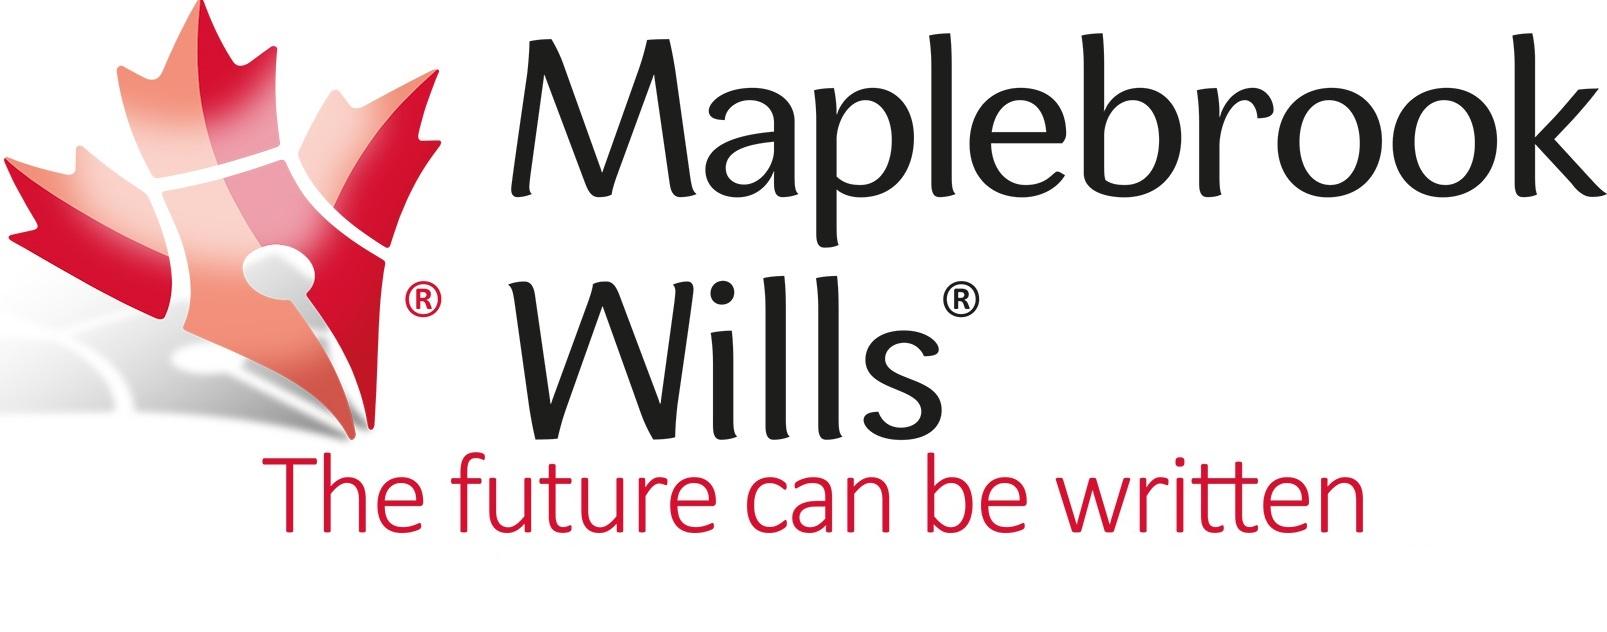 Maplebrook Wills's main image